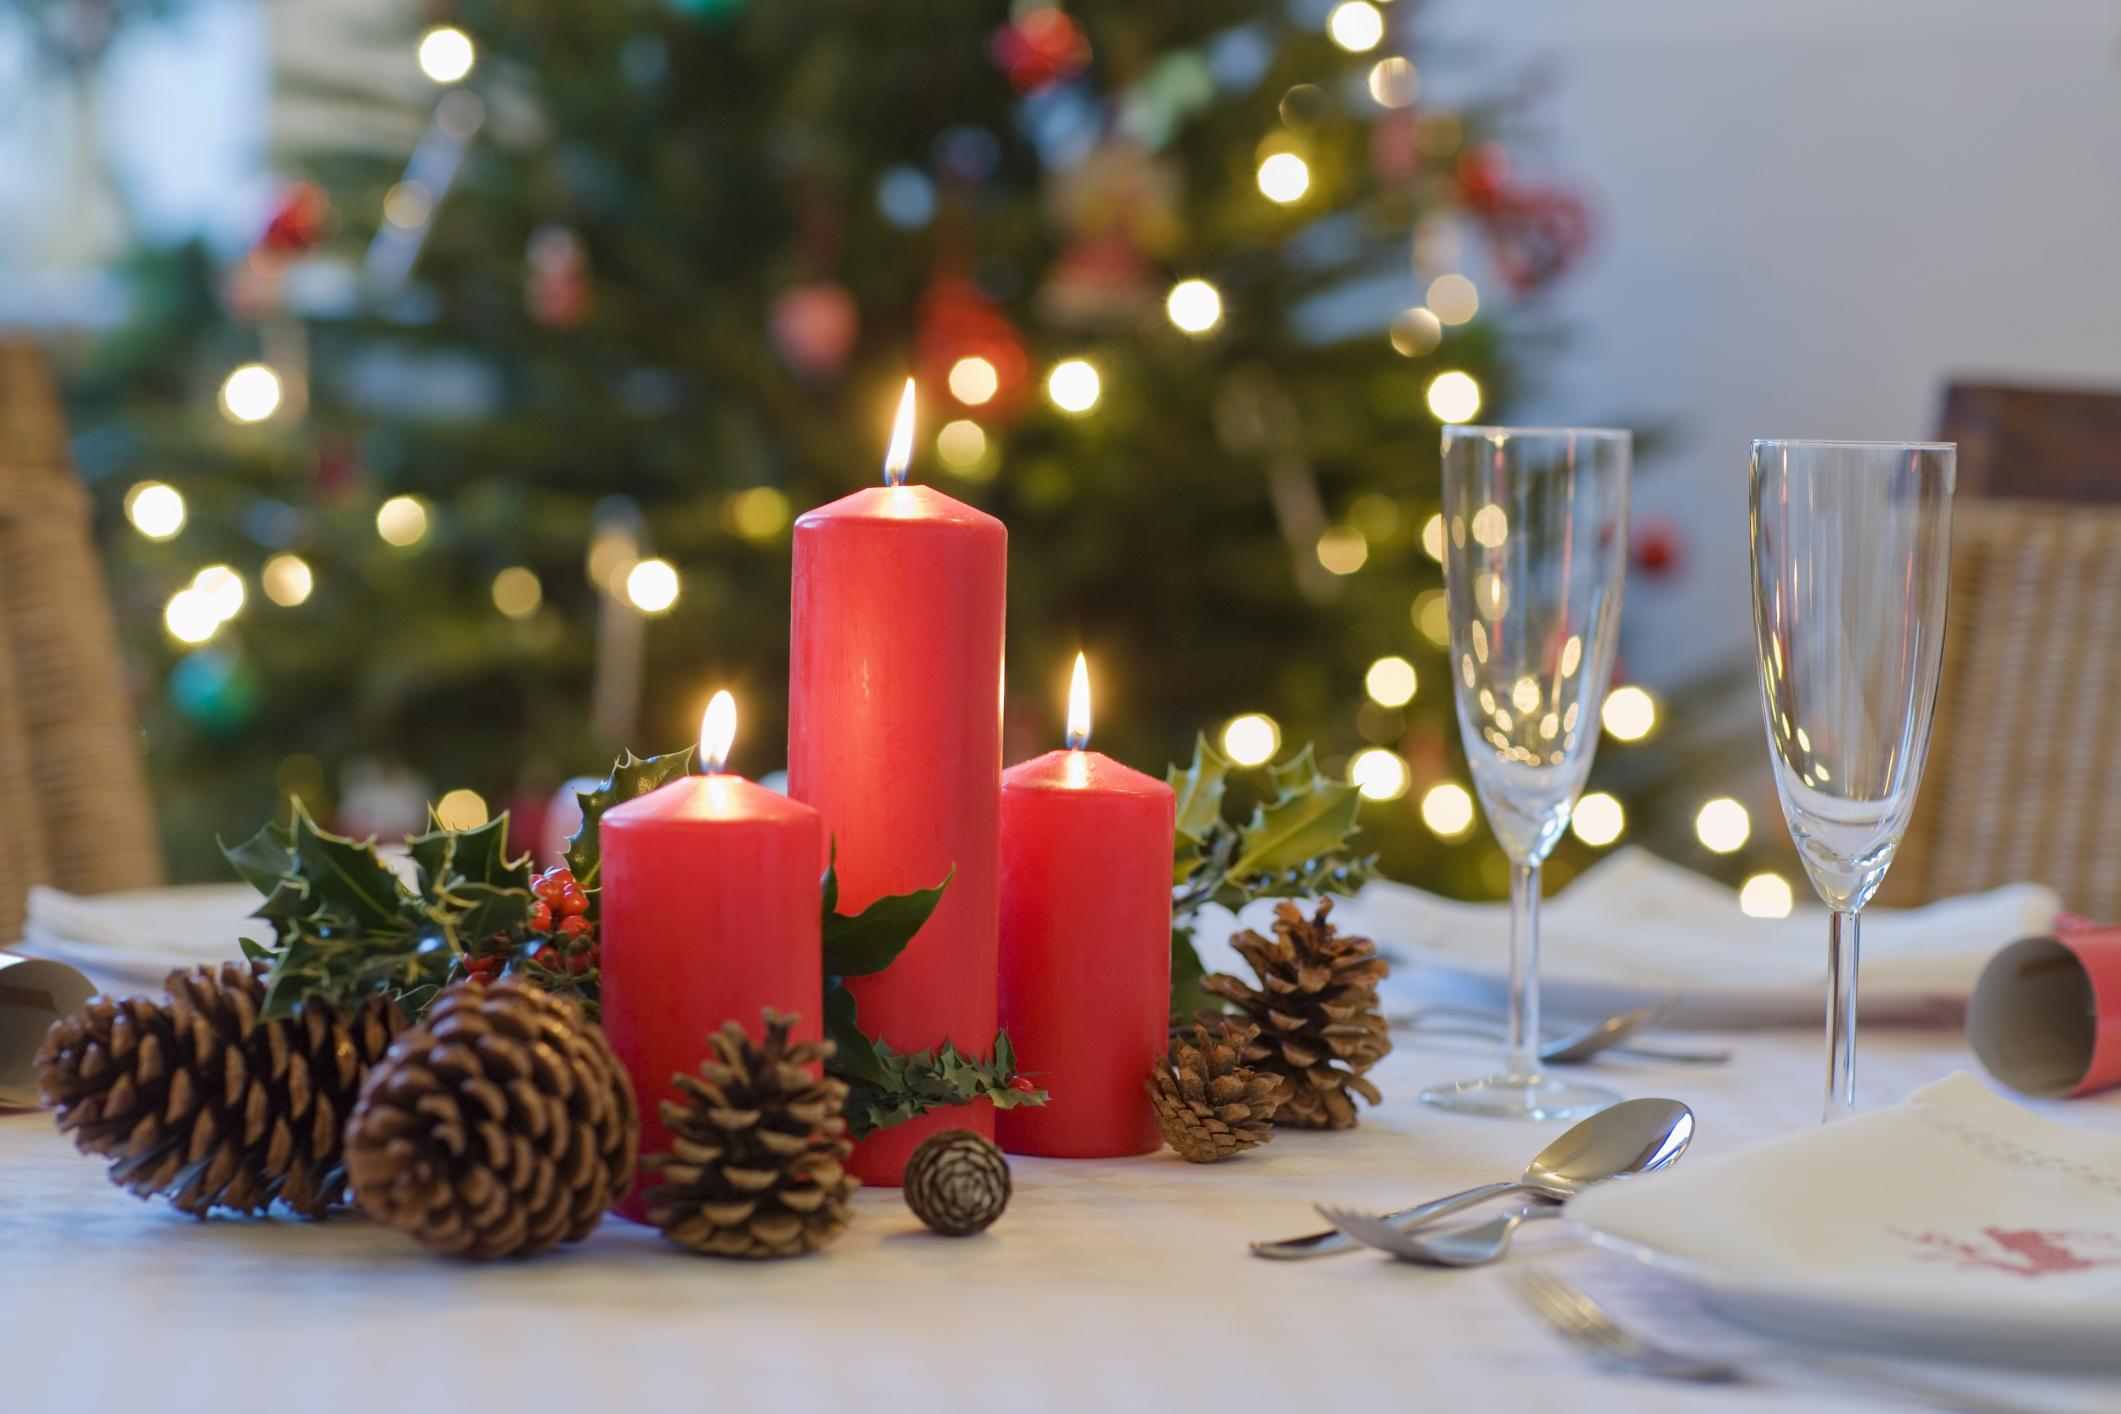 weihnachtsbastelideen eichel und schöne kerzen